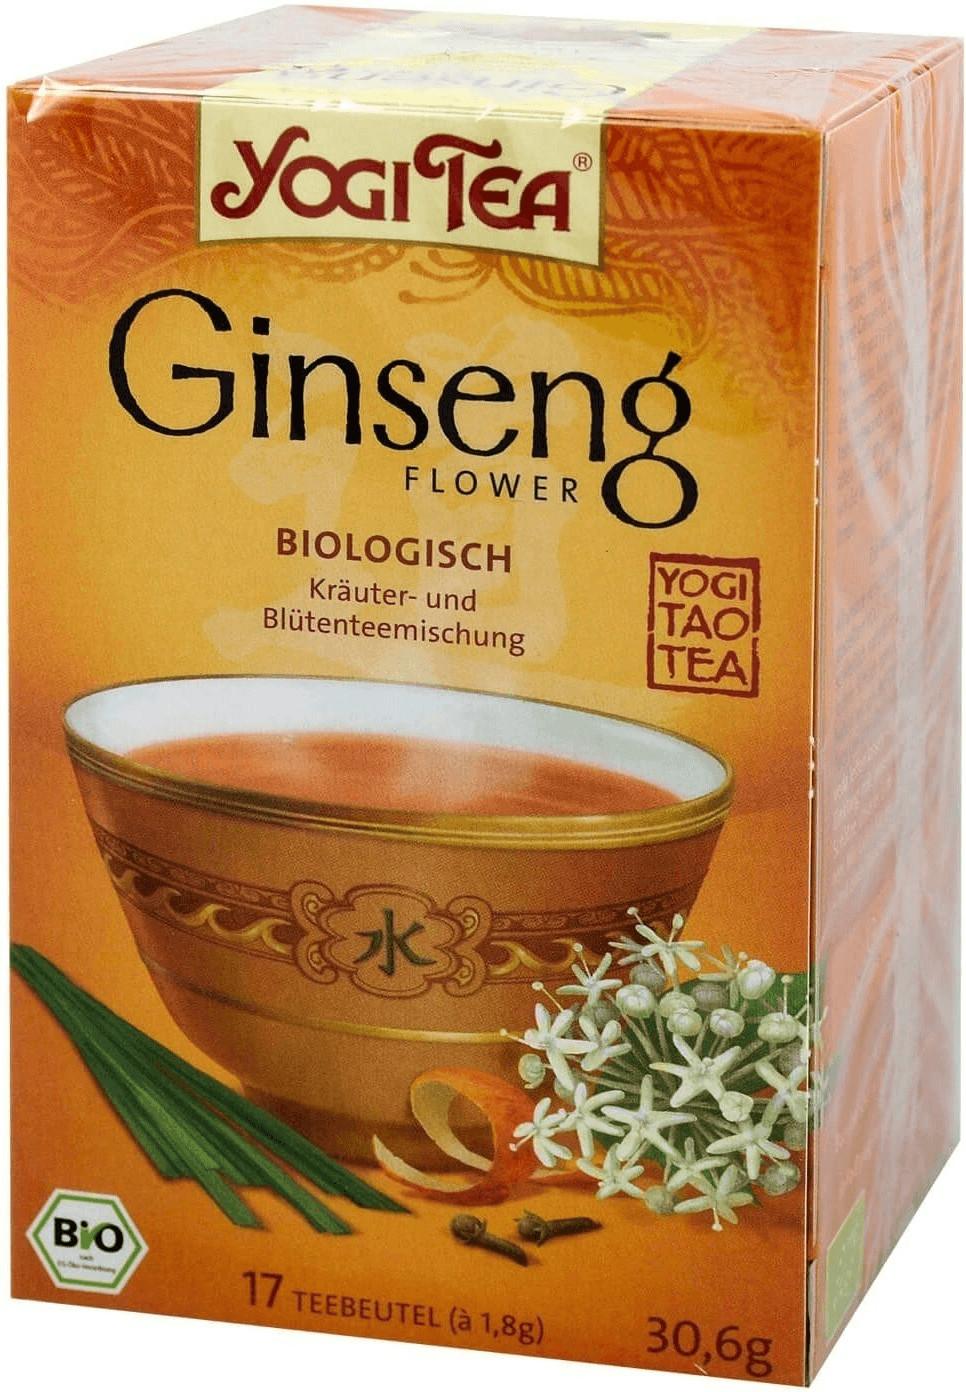 Yogi Tea Ginseng (15 Stk.)